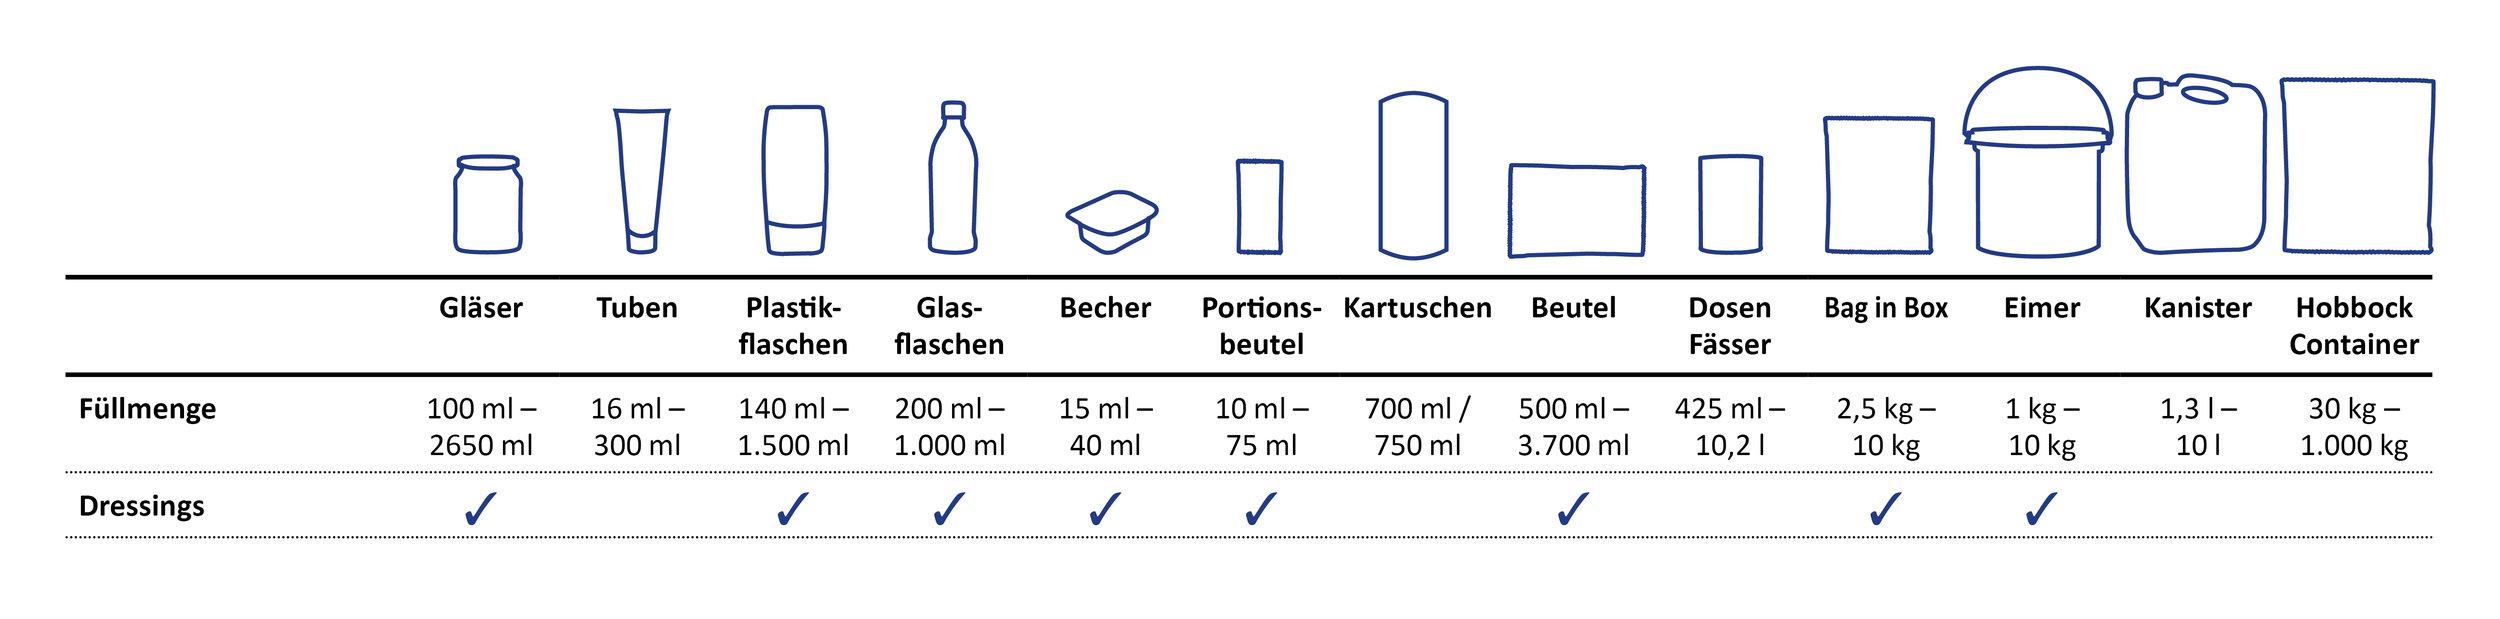 verpackungsuebersicht -sueko-dressings.jpg